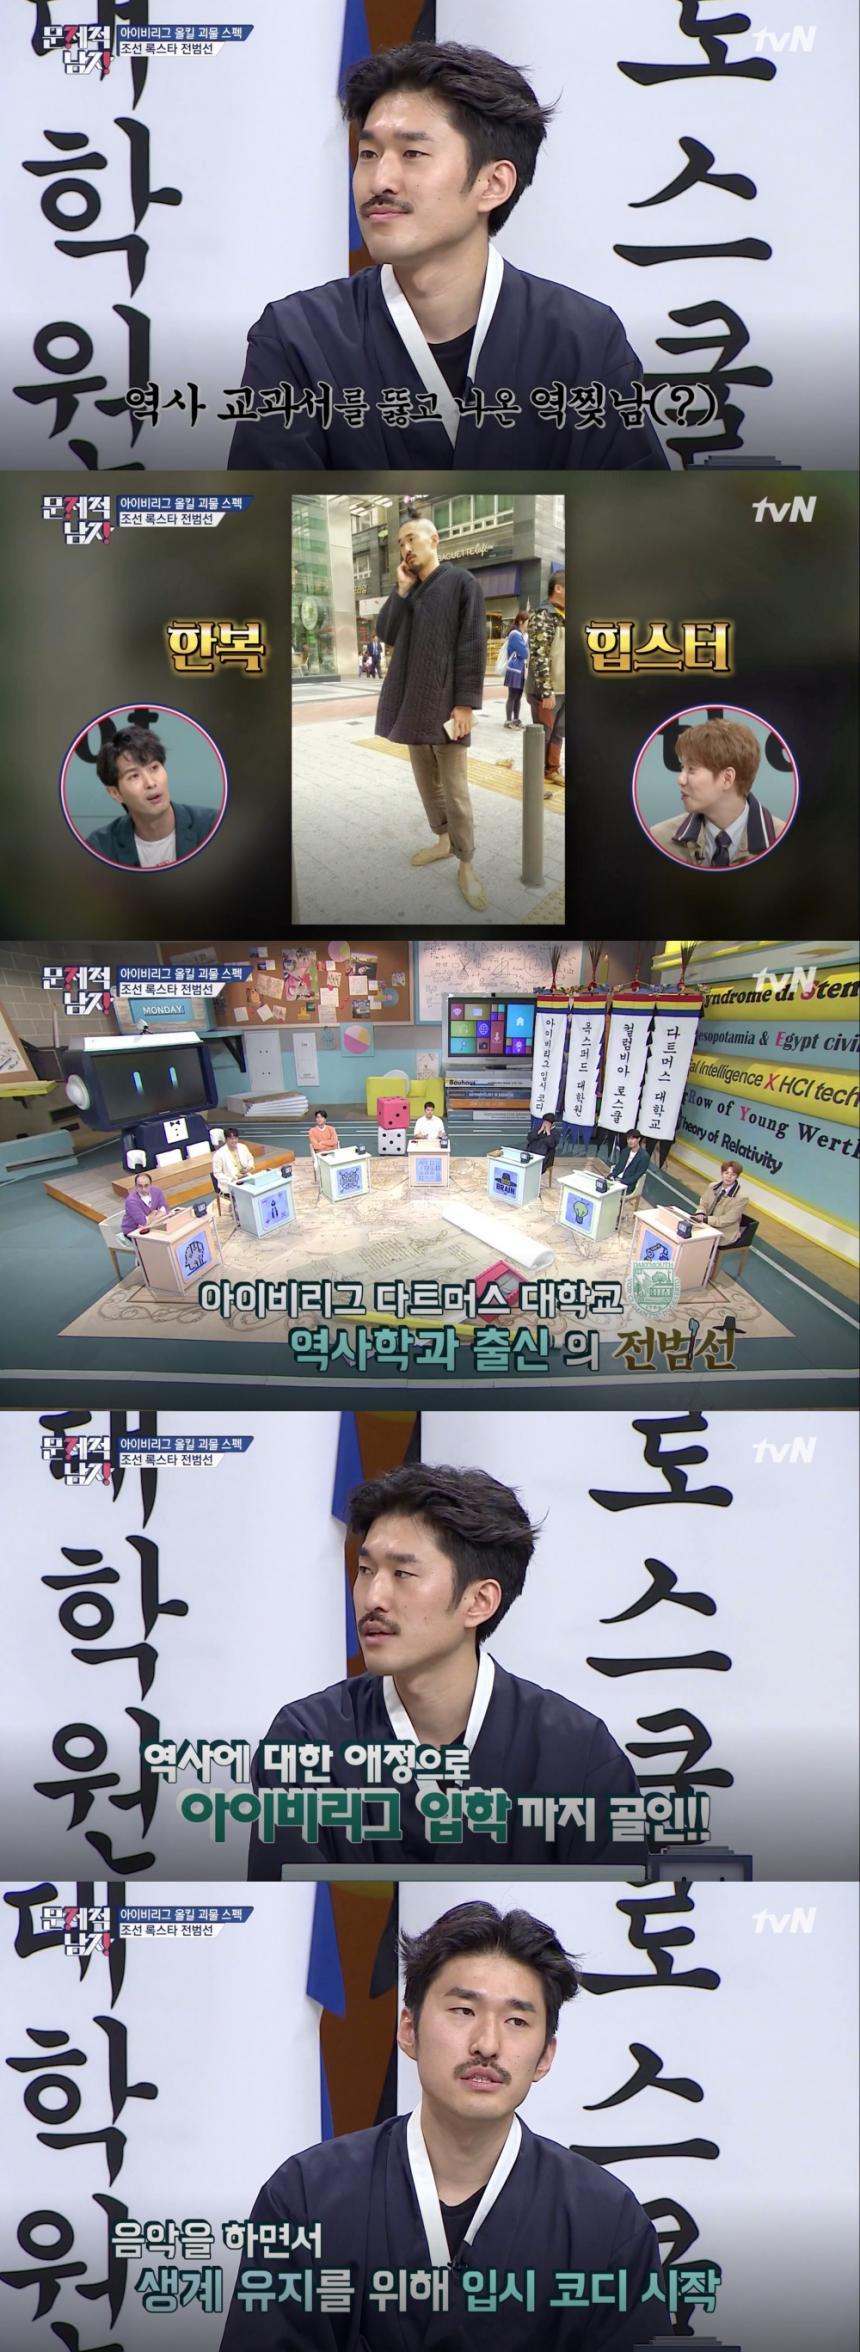 tvN '뇌섹시대-문제적 남자' 방송 캡처